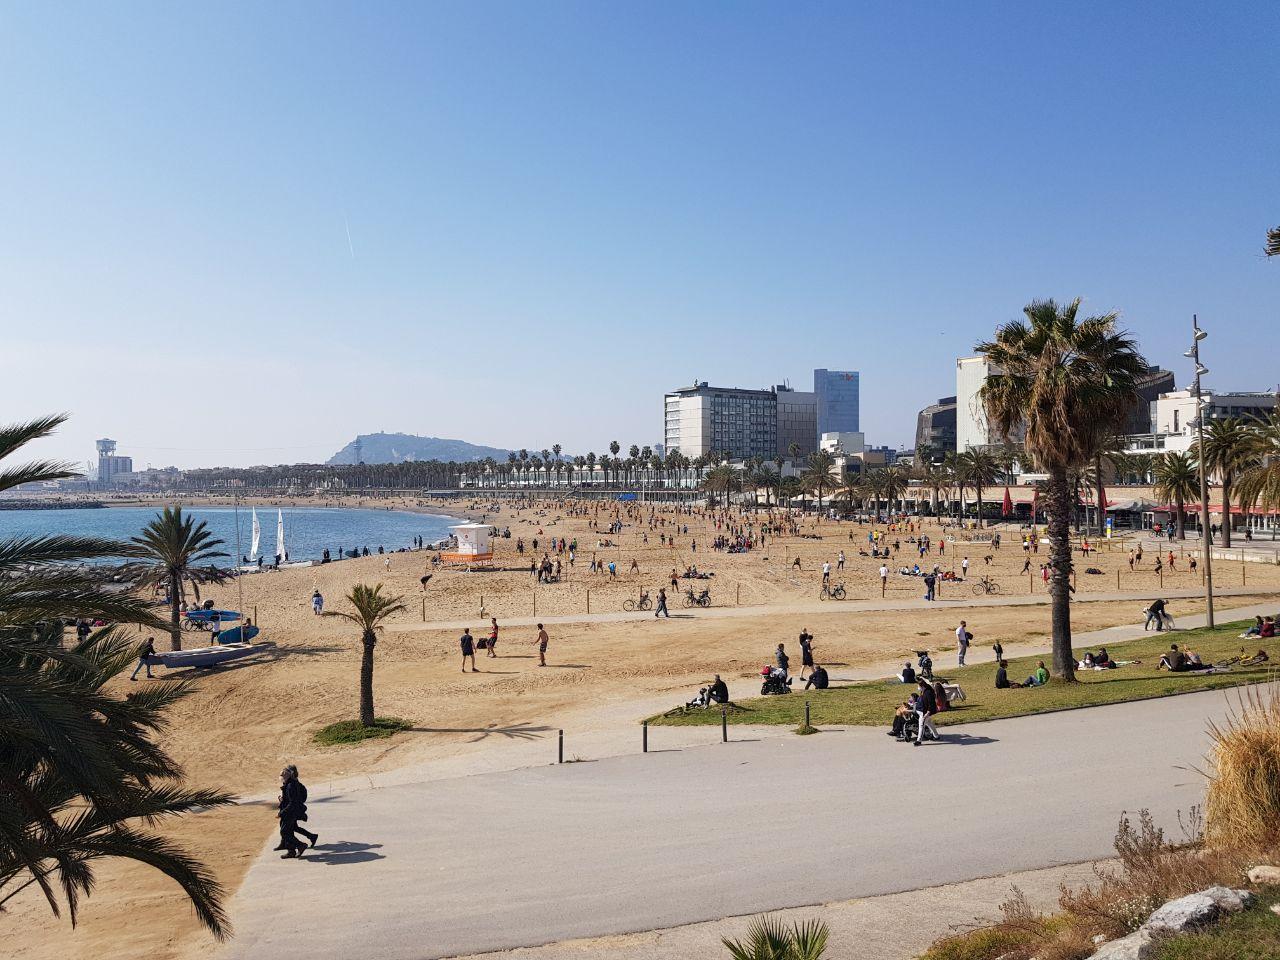 [Личный опыт] Как живется разработчику в Барселоне: налоговые льготы, отличная медицина и жизнь как на курорте - 3